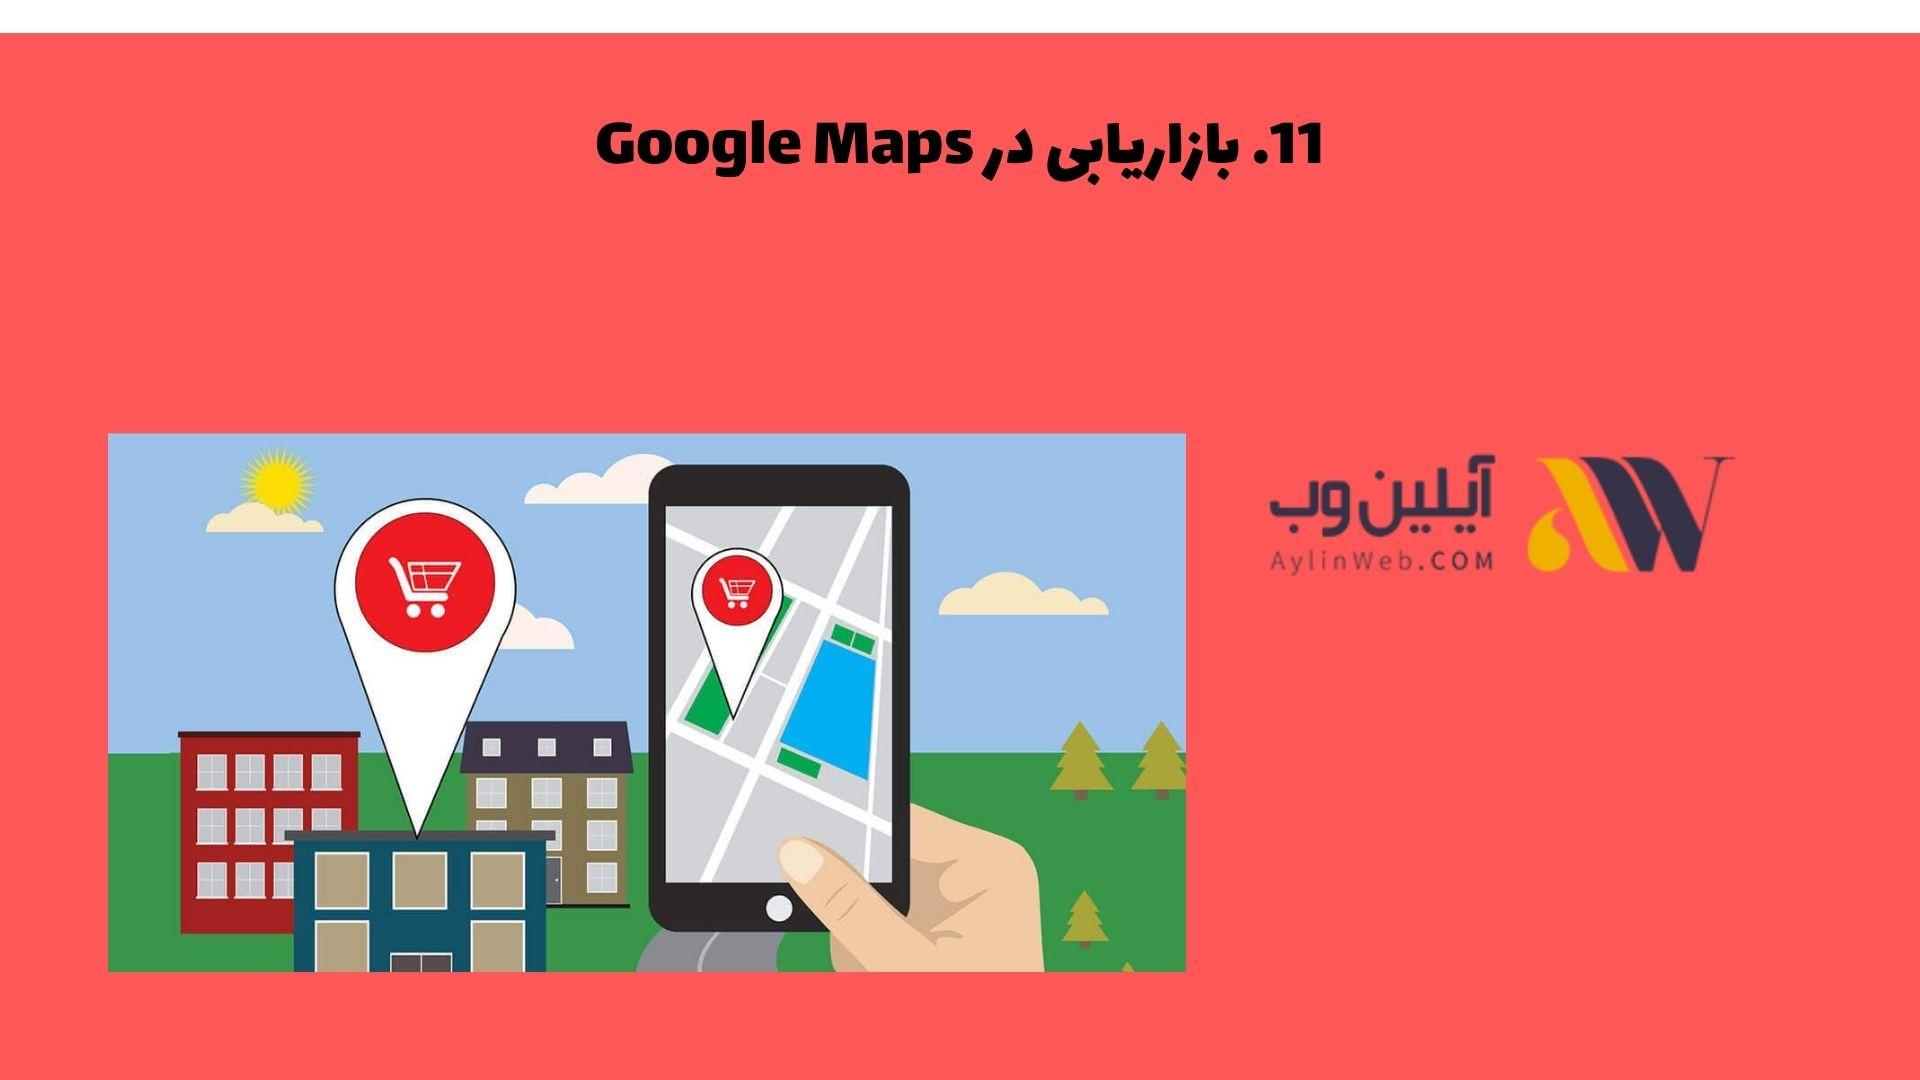 بازاریابی در Google Maps